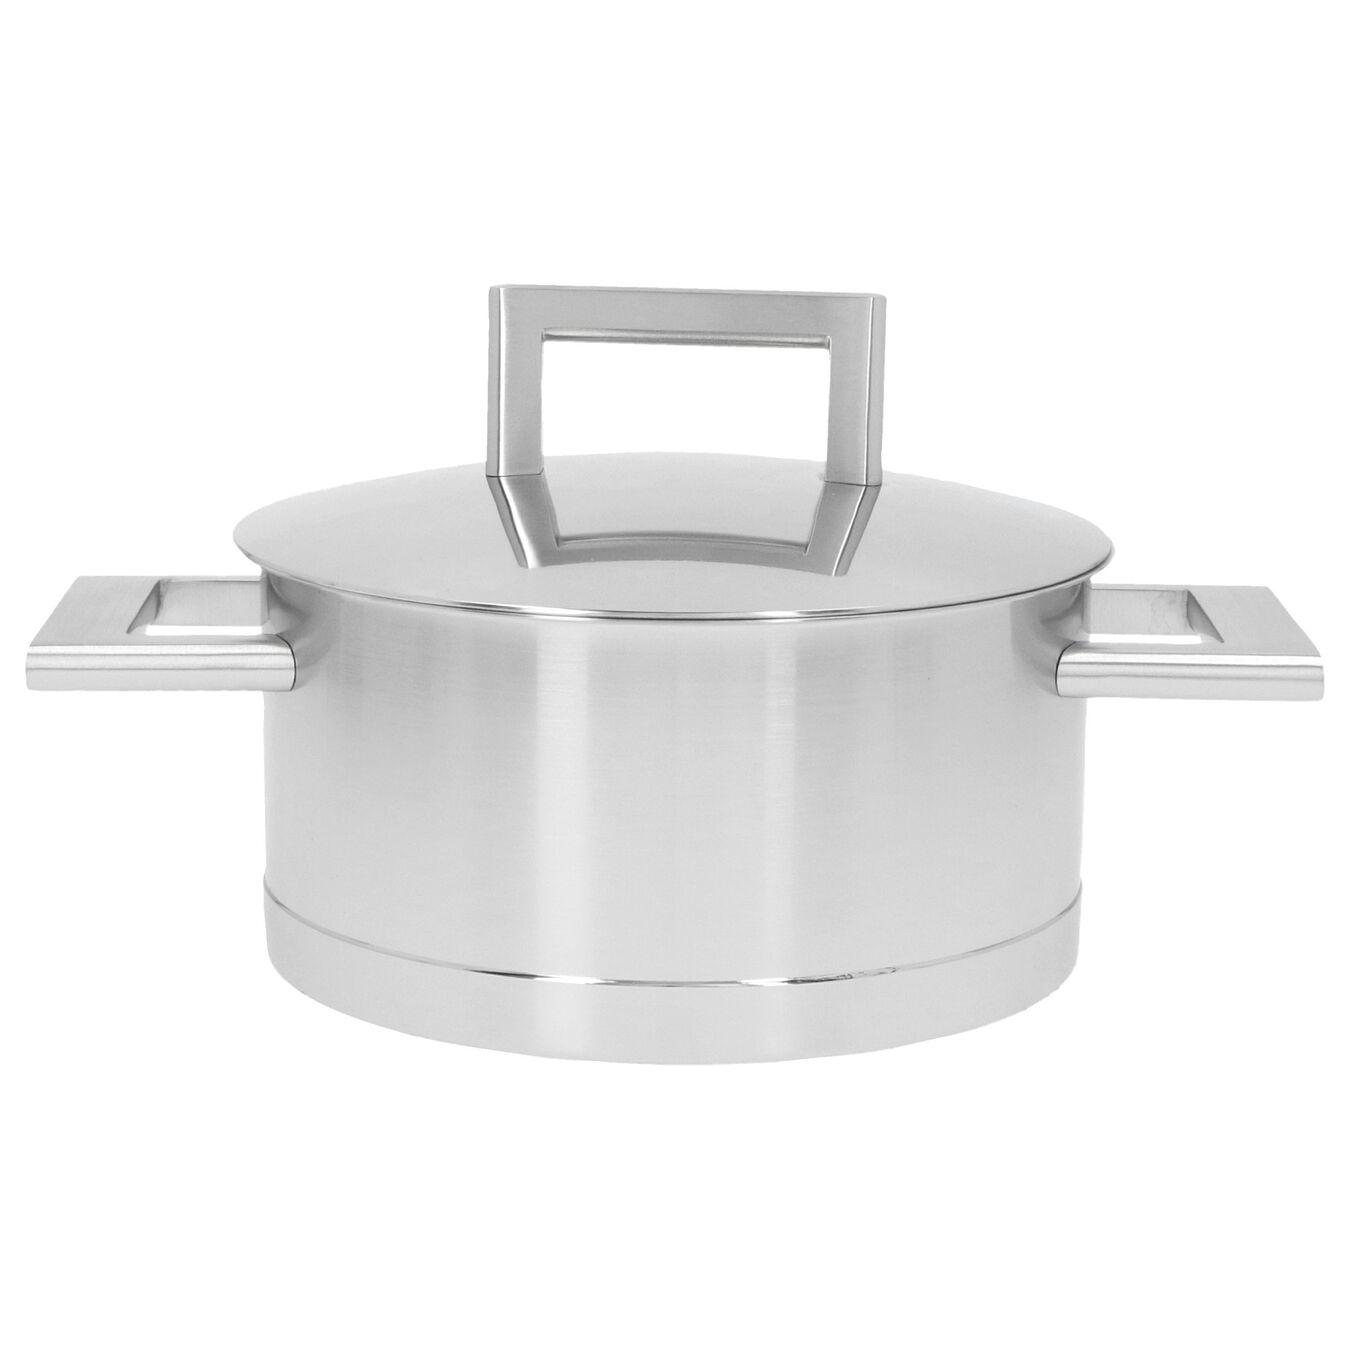 Kookpan met dubbelwandig deksel 16 cm / 1.5 l,,large 1